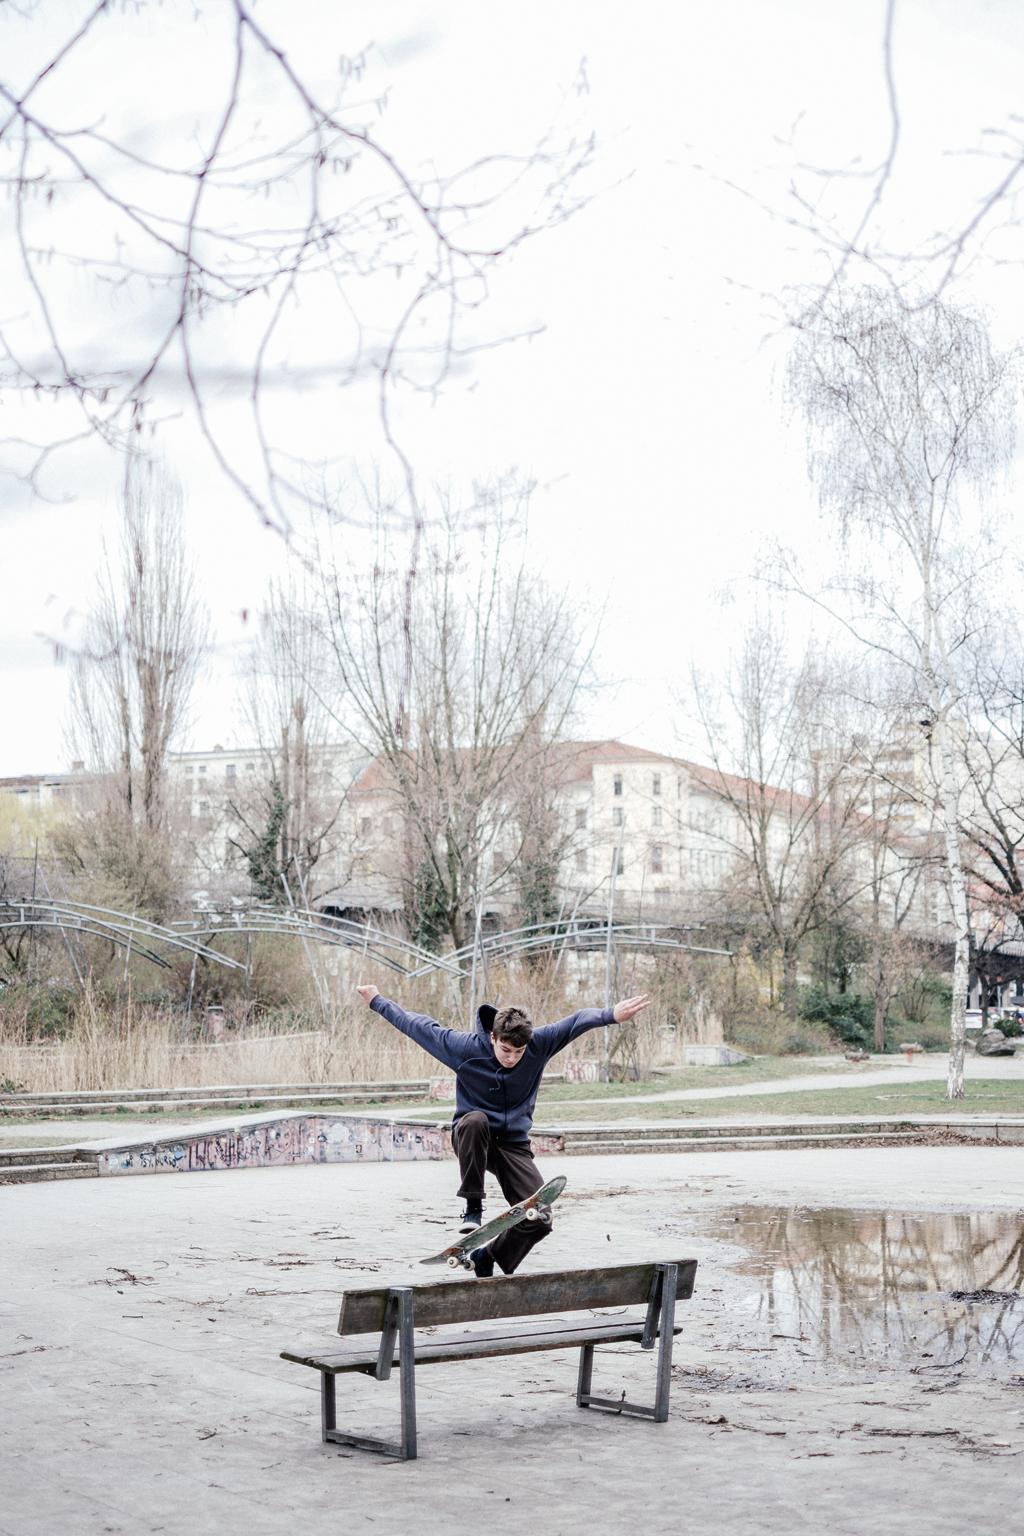 BILDER_PLACE_jonas-heß_highres-3